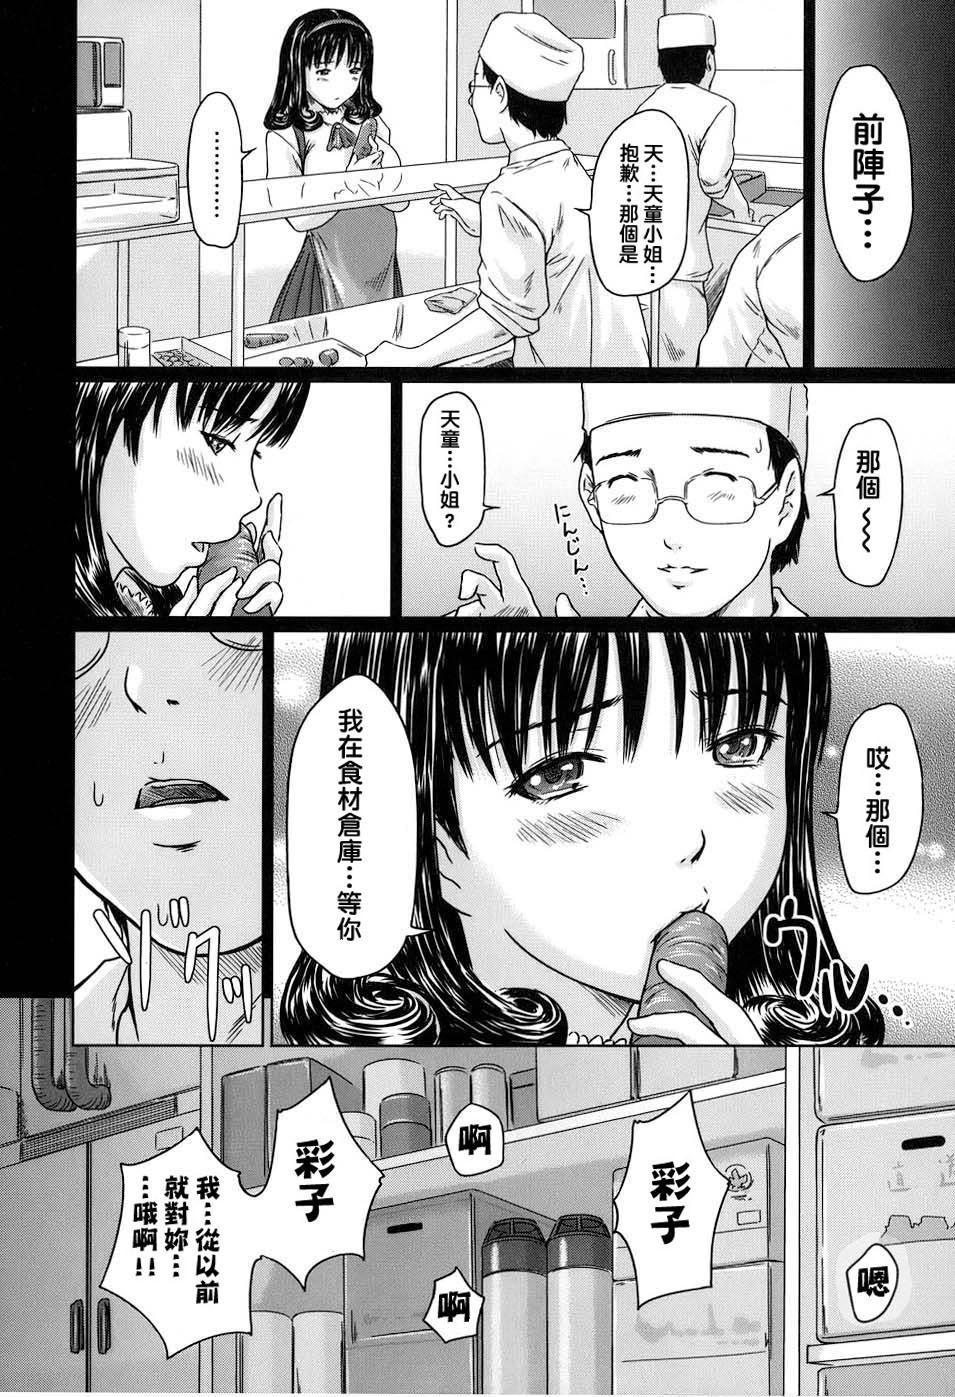 Kisaragi Gunma] Love Selection 222